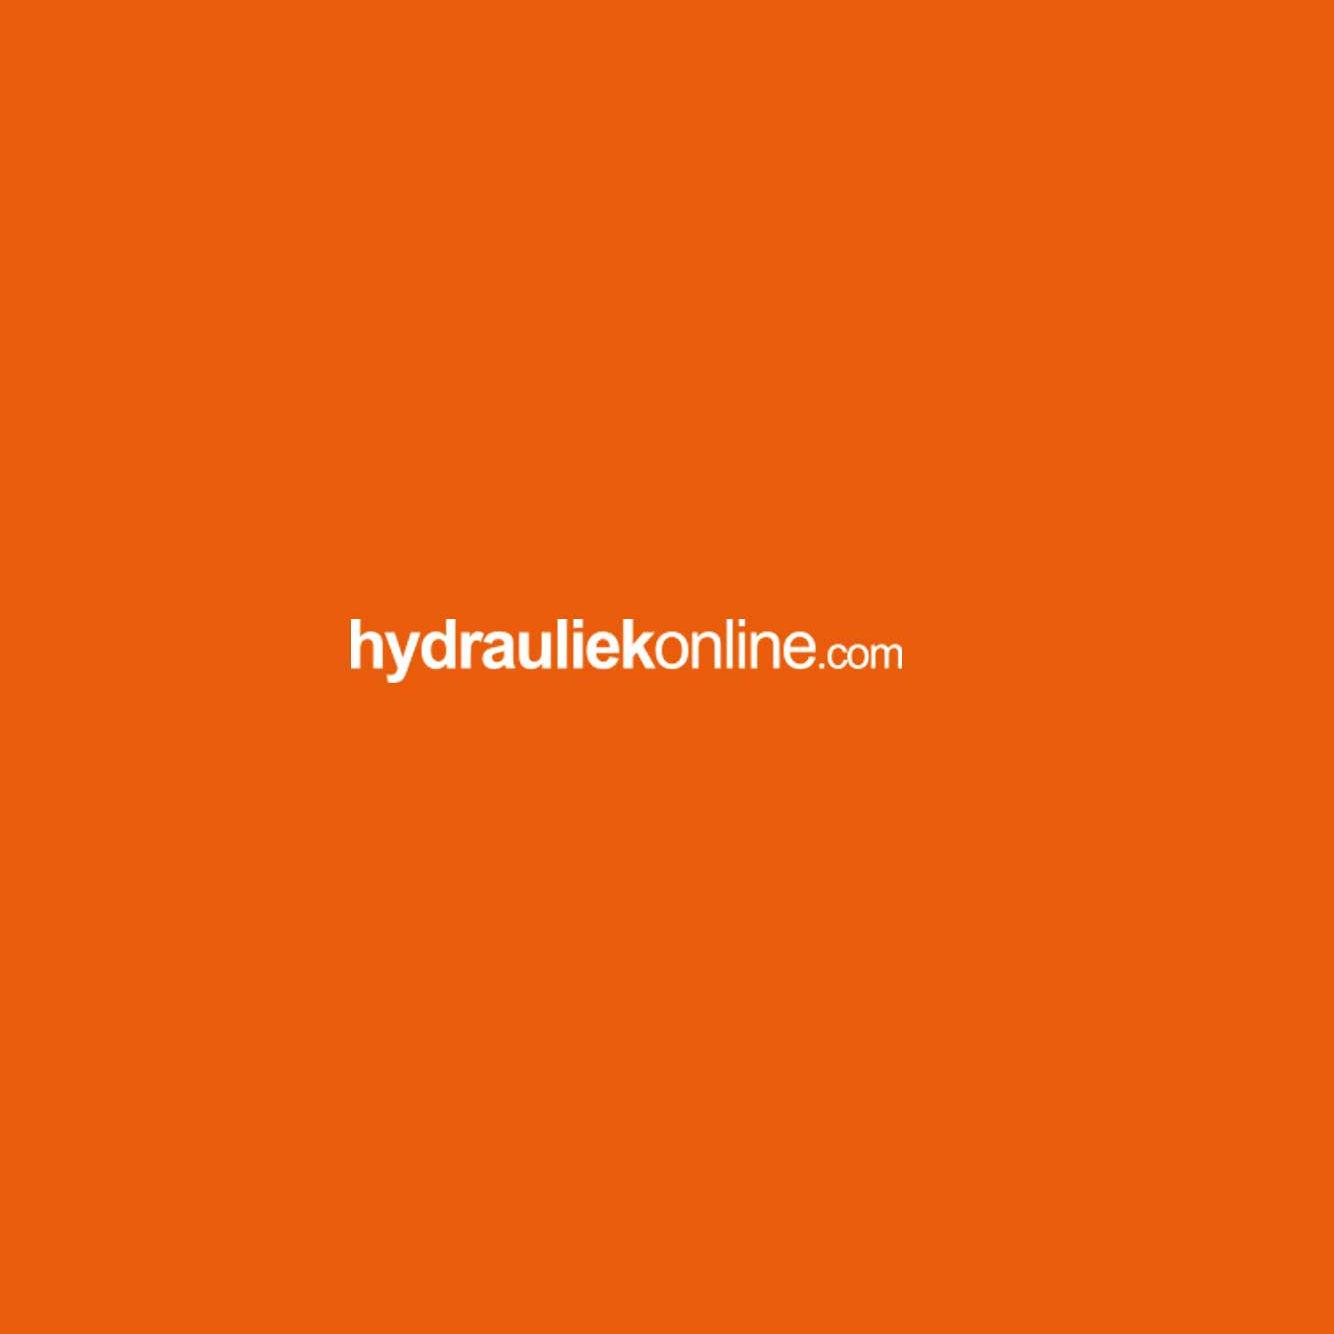 hydrauliek-online-2540.jpg